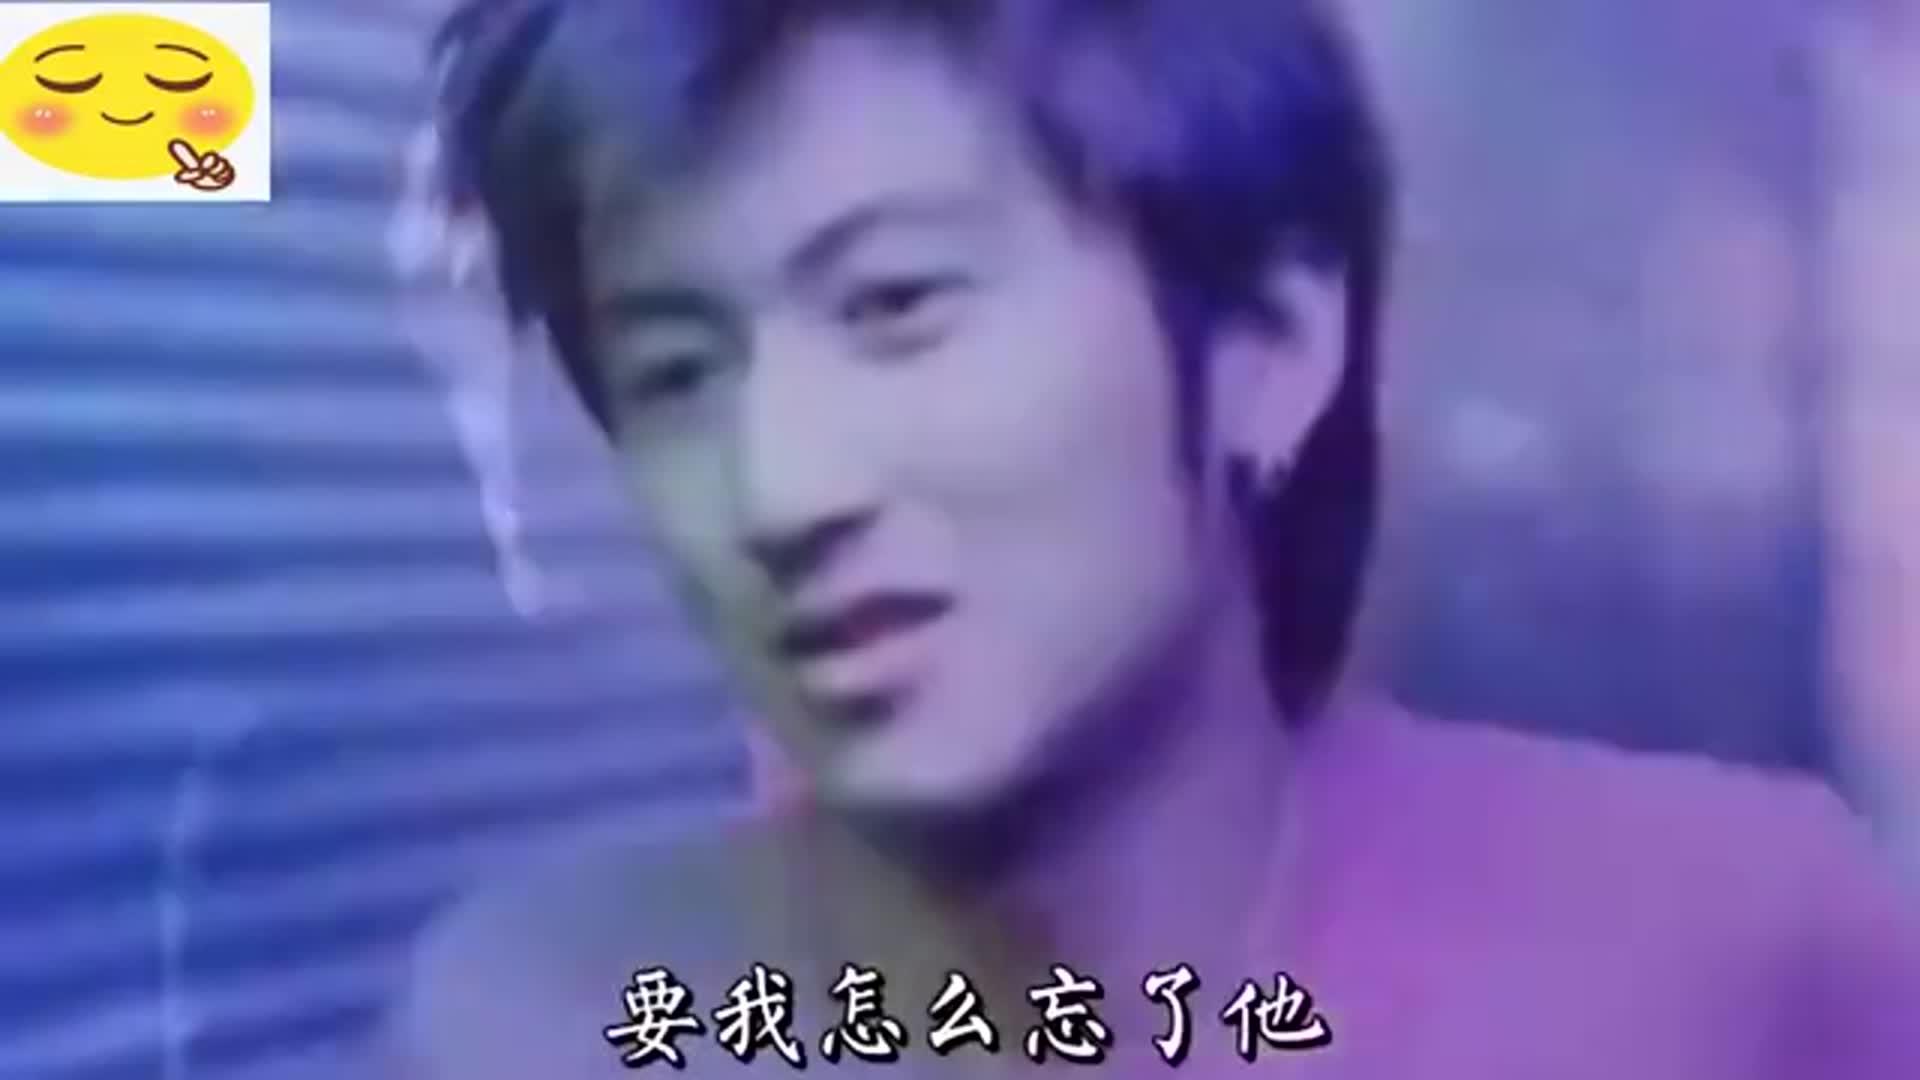 谢霆锋深情献唱《要我怎么忘了他》深情伤感,唱出了多少